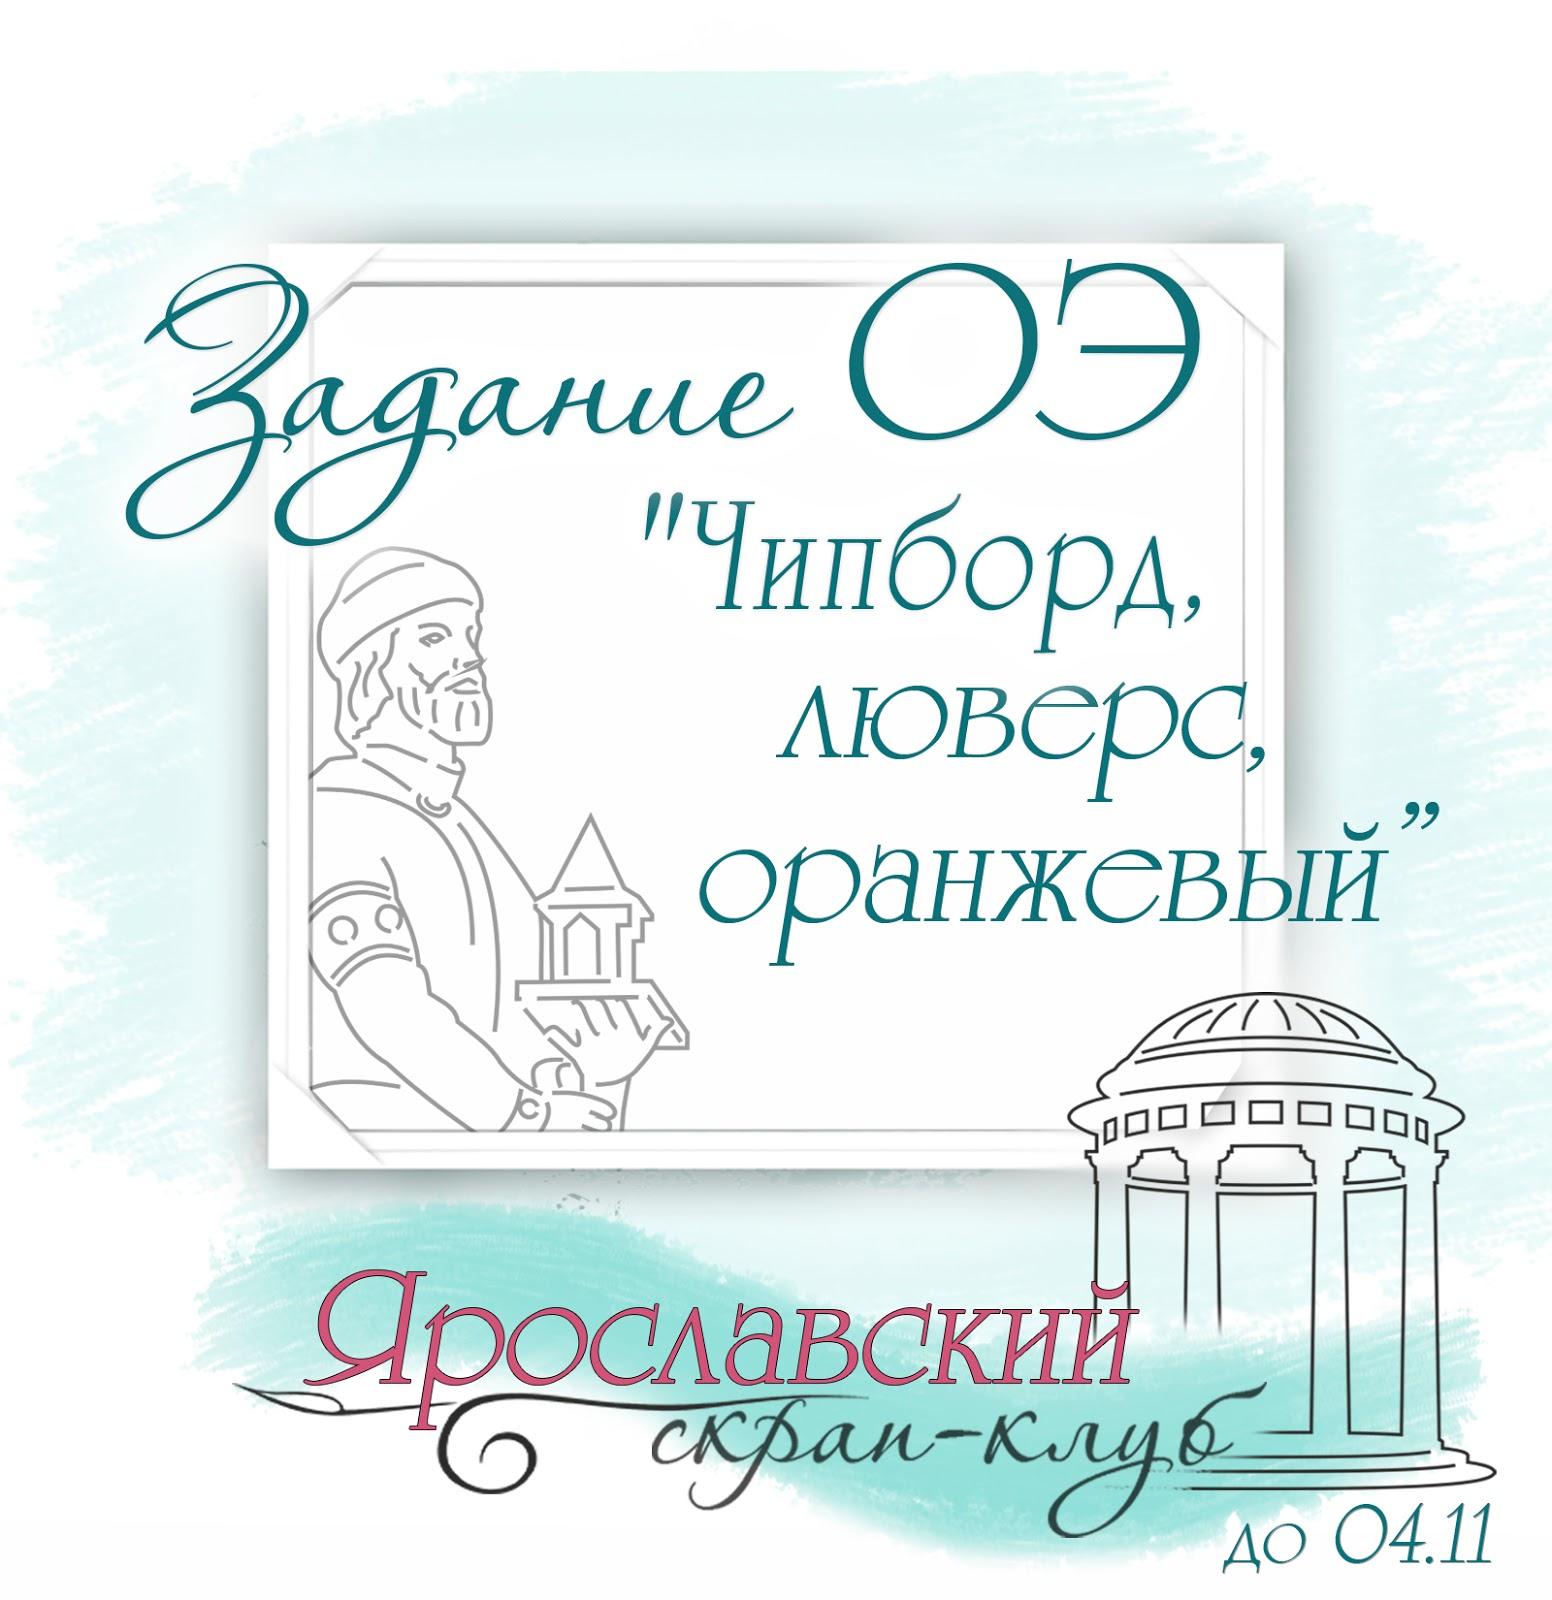 """ОЭ """"Чипборд, люверс, оранжевый"""" до 04.11.2017"""